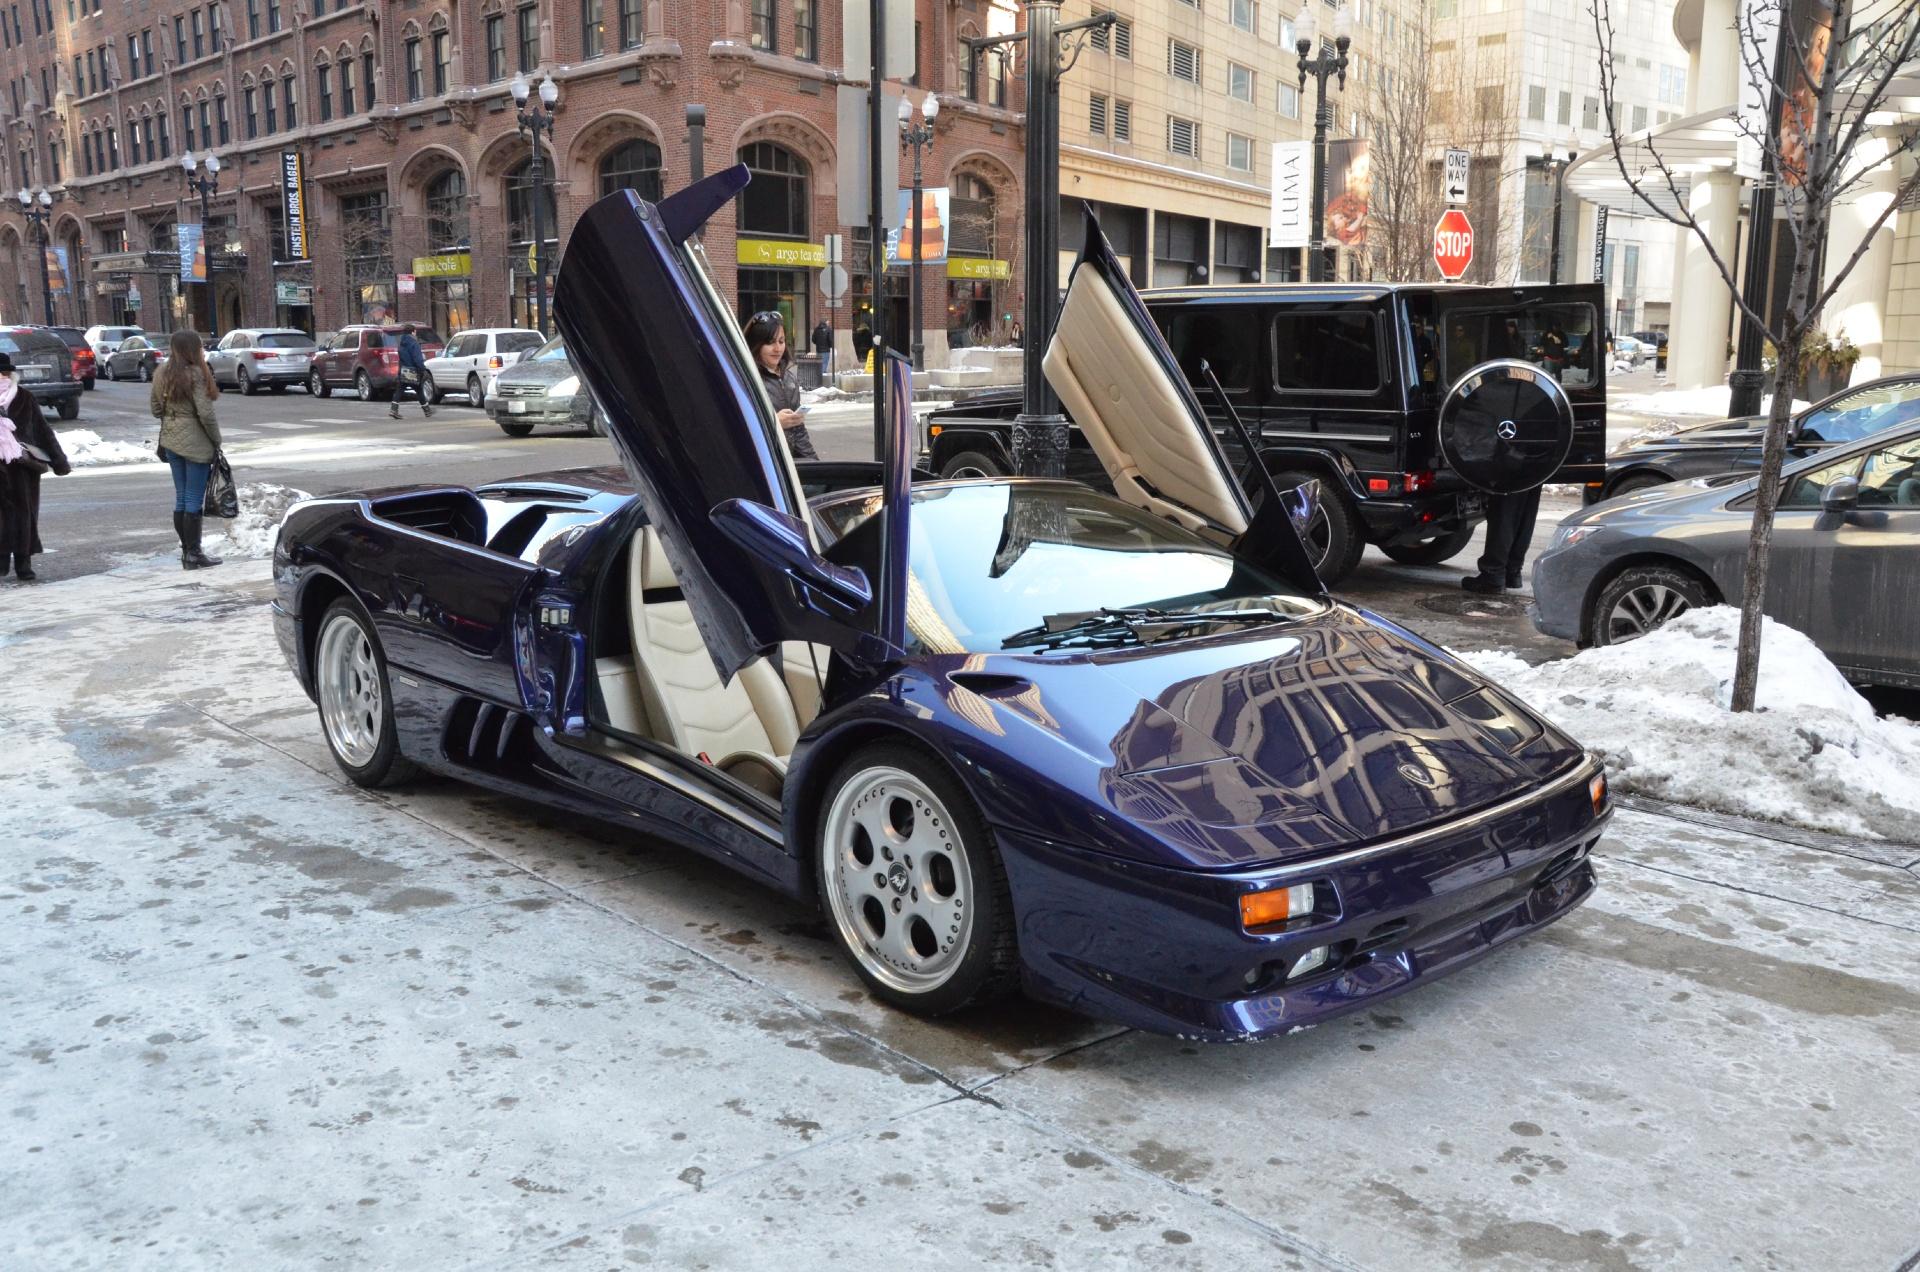 1998 Lamborghini Diablo Stock # 12848 for sale near Chicago, IL | IL on 1998 lamborghini concept, 1998 lamborghini cars, ferrari diablo, 1998 lamborghini murcielago, 1998 lamborghini gallardo, 1998 lamborghini sv,